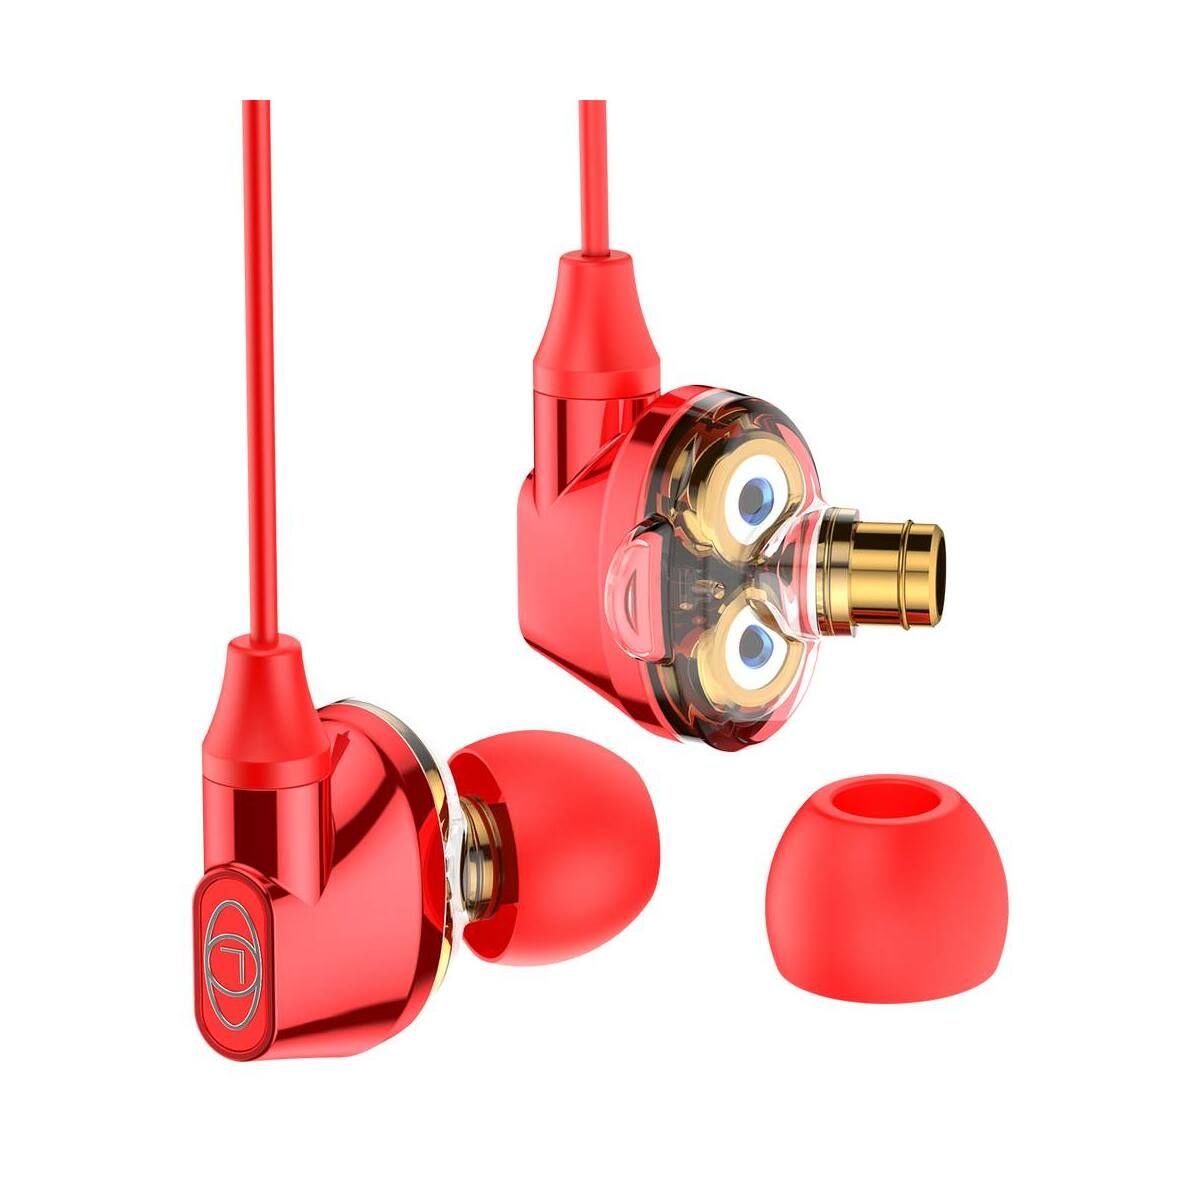 Baseus fülhallgató, Encok H10, Dual Moving-Coil vezetékes headset, vezérlővel, piros (NGH10-09)